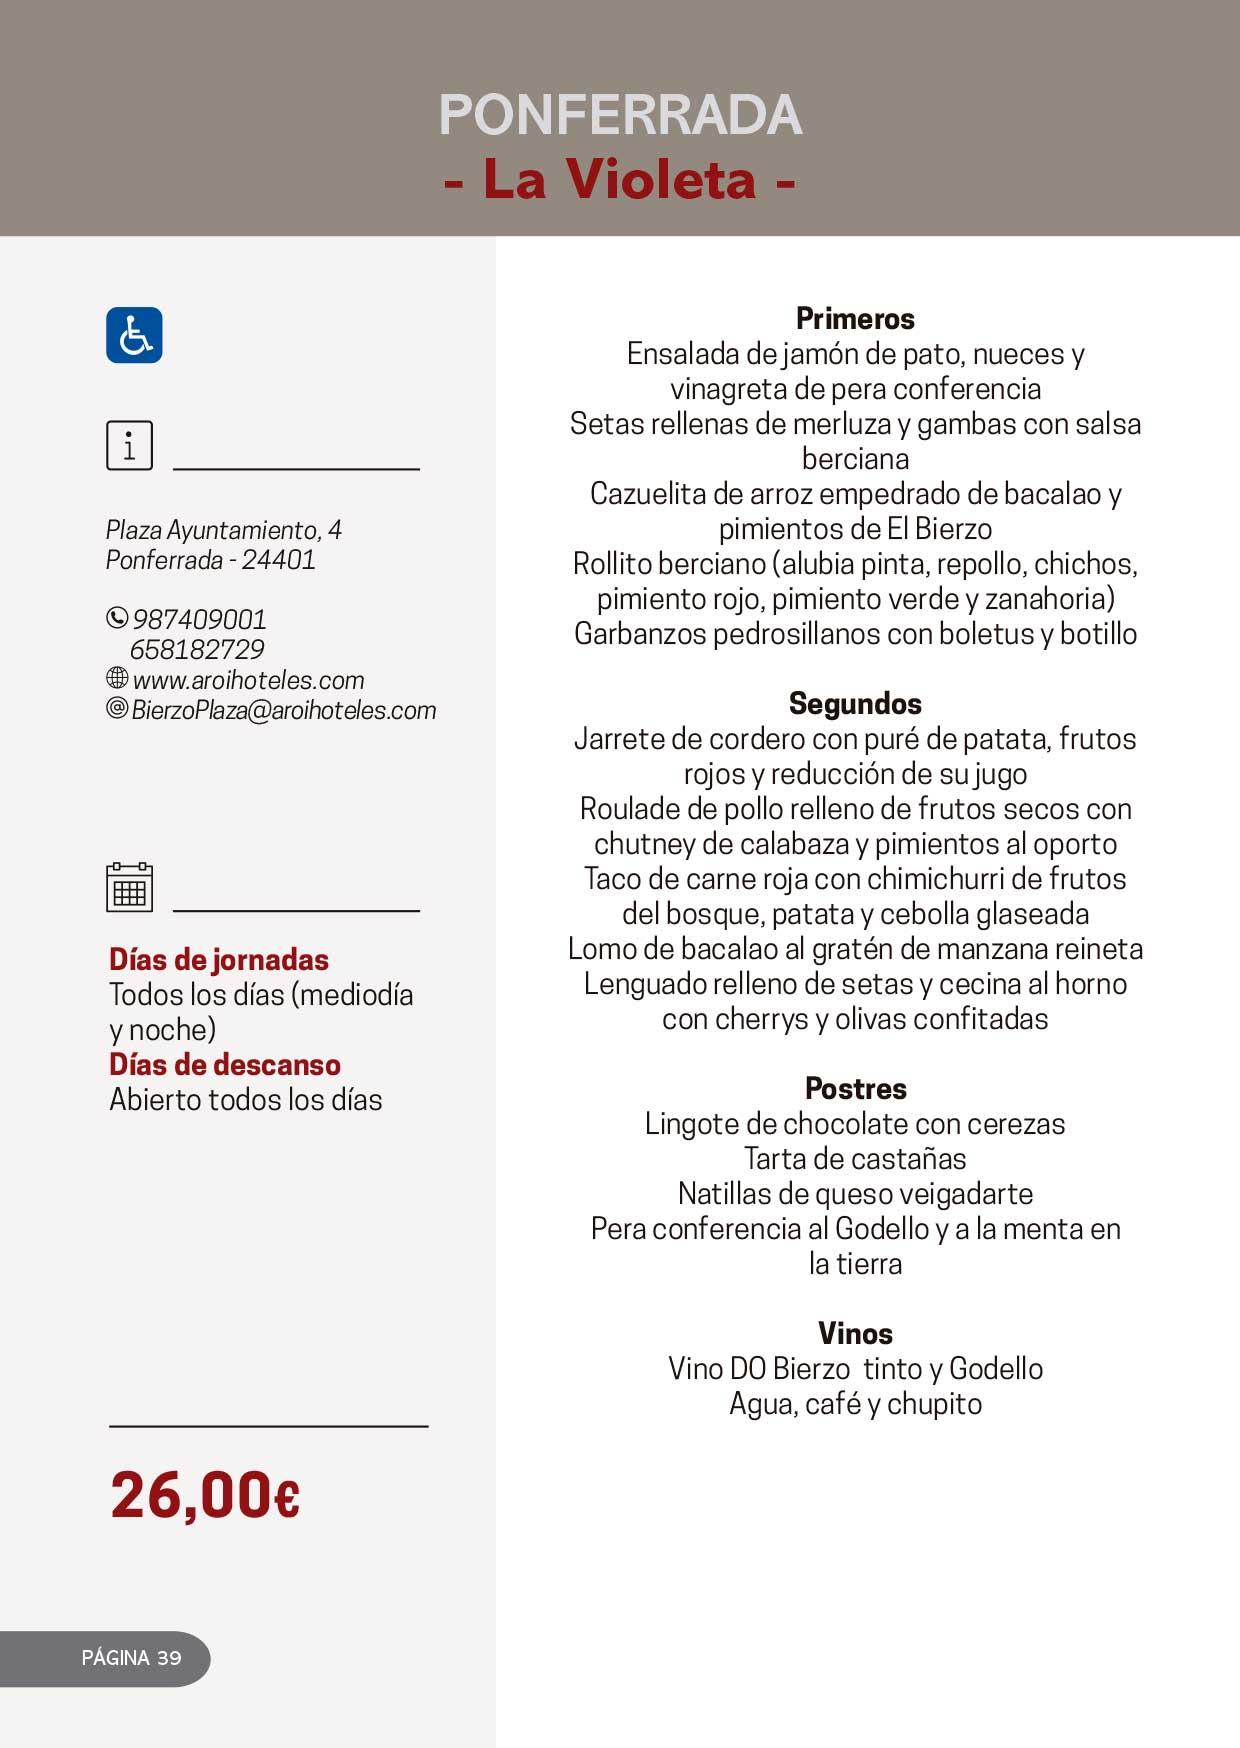 Las Jornadas Gastronómicas del Bierzo llegan a su 34 edición 22